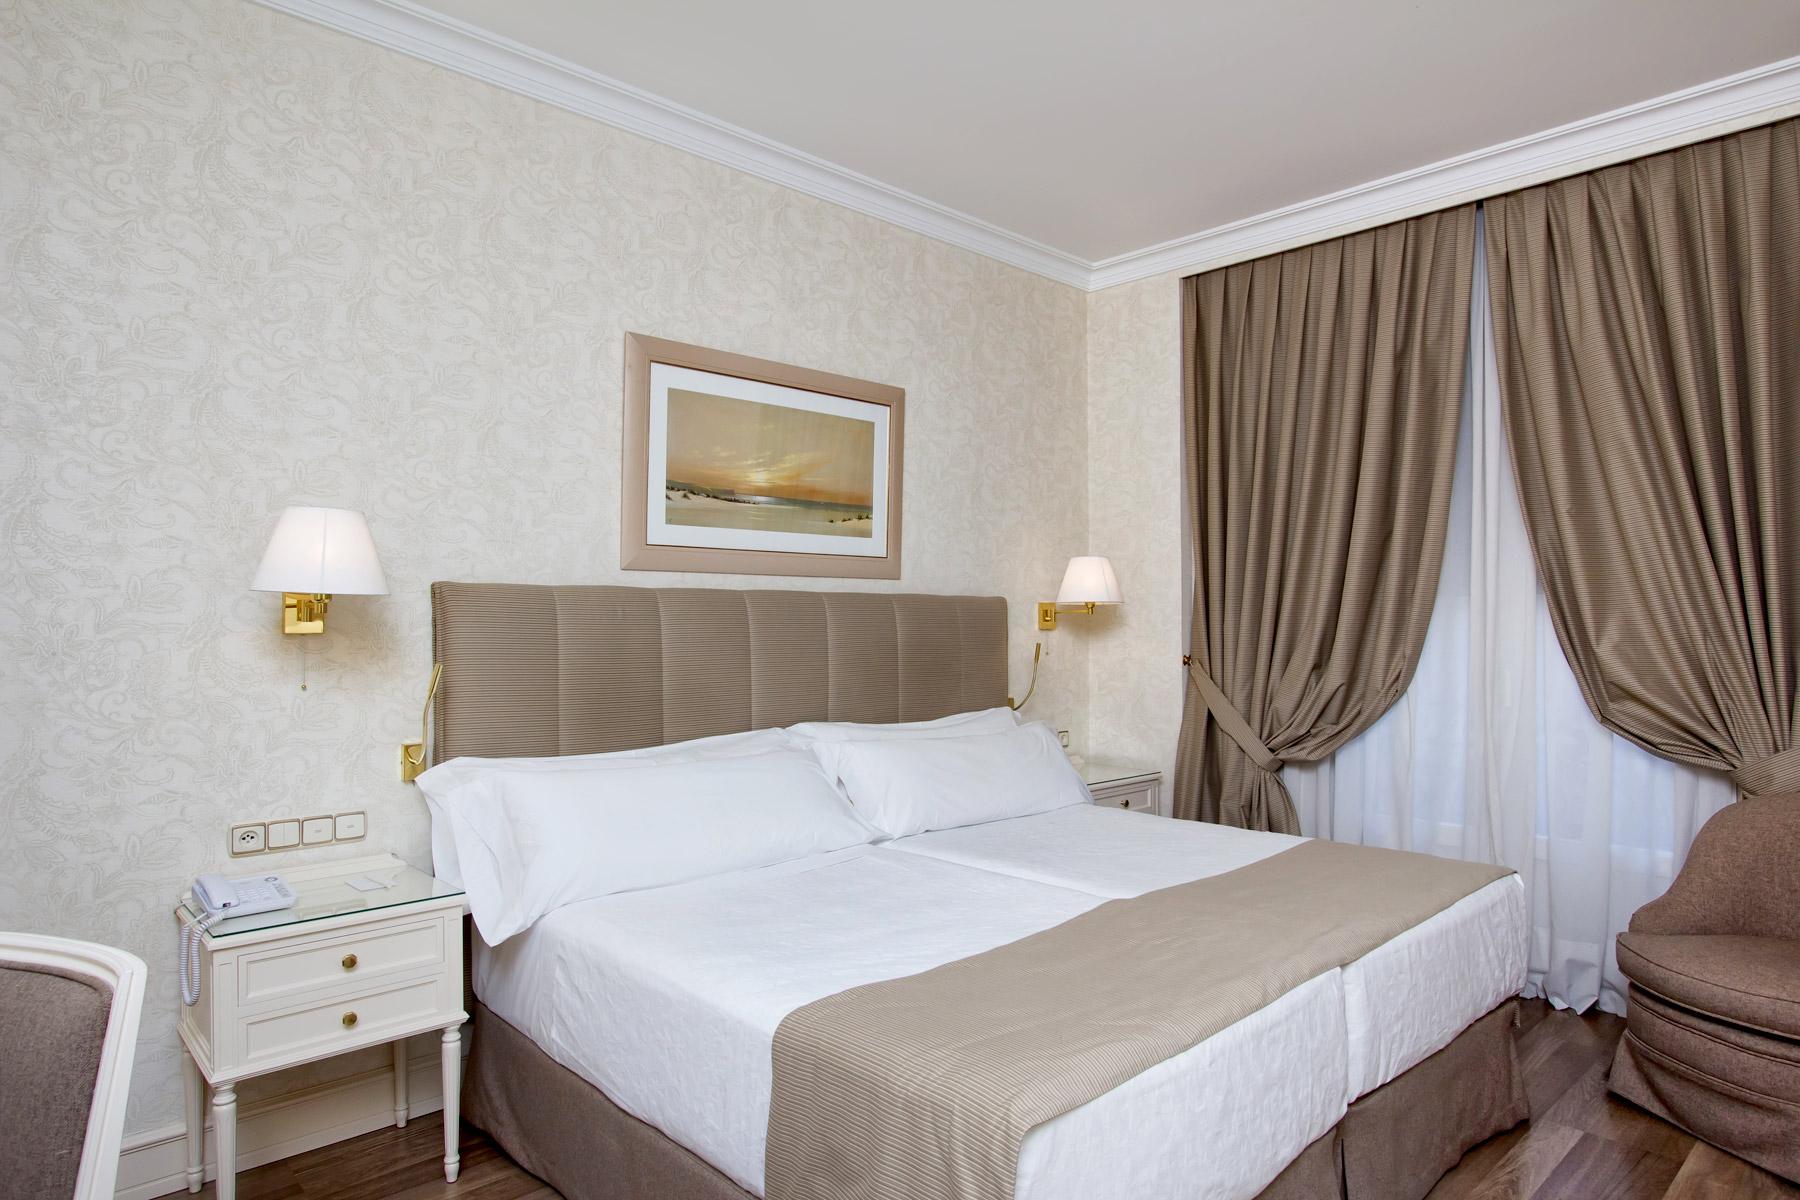 Habitaciones dobles superiores hotel atl ntico madrid for Hoteles con habitaciones dobles comunicadas